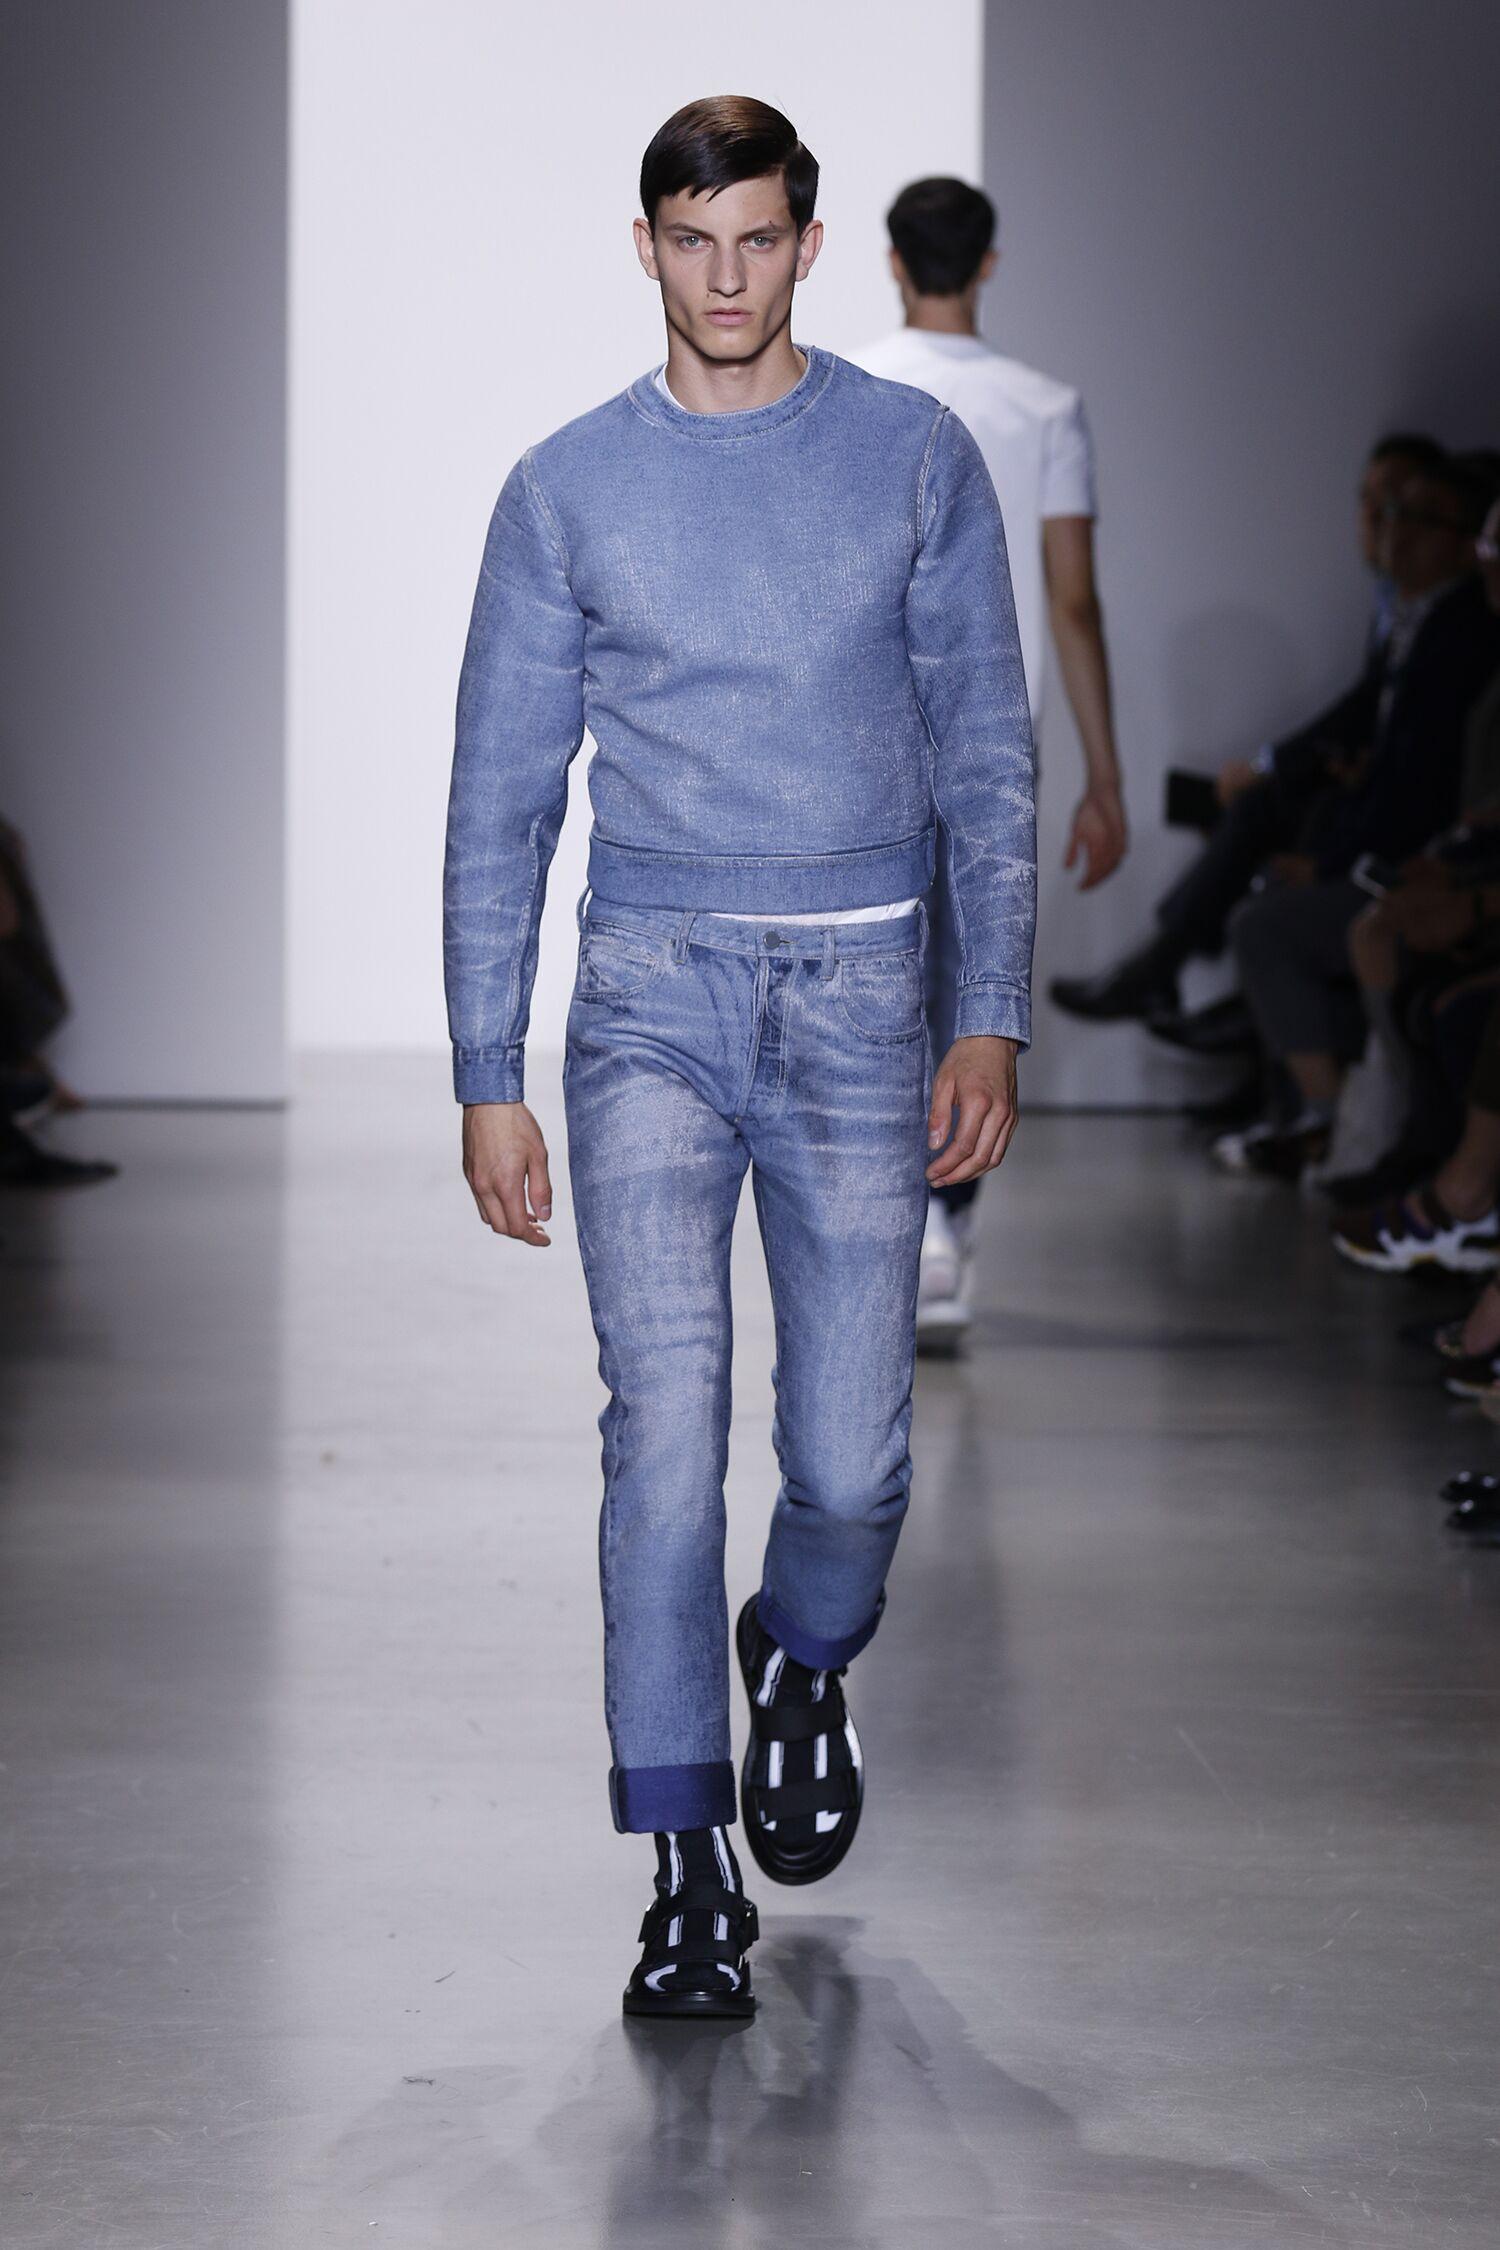 Catwalk Calvin Klein Collection Fashion Show Summer 2016